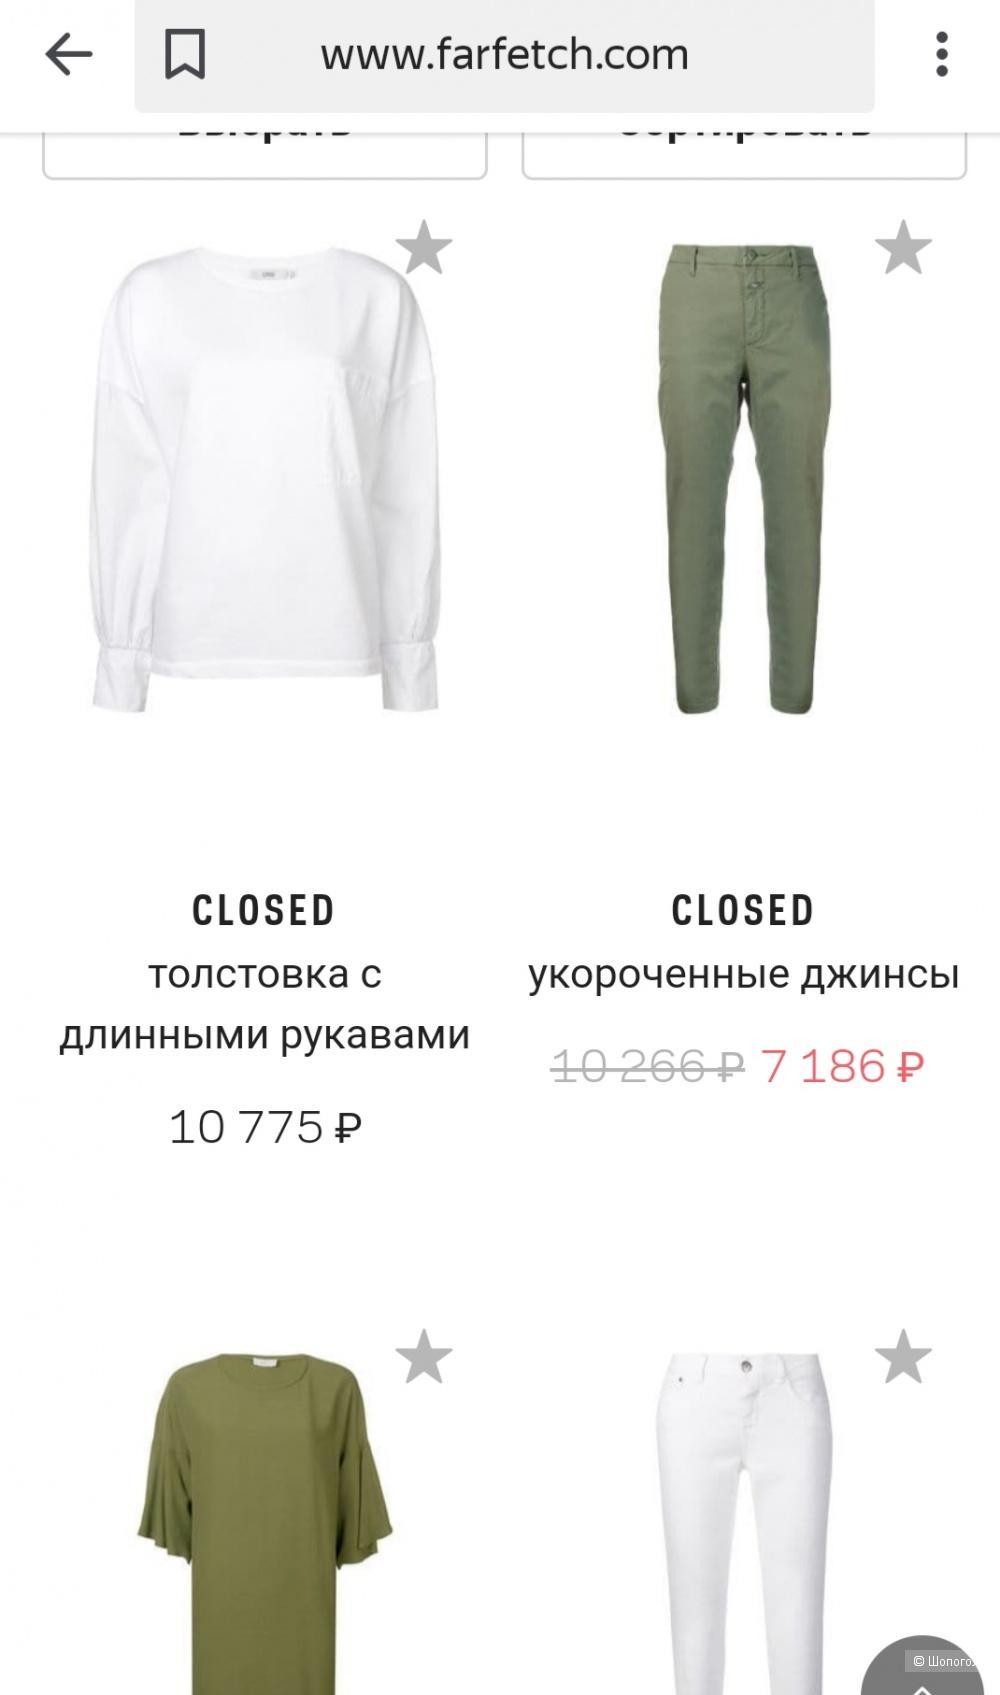 Брюки closed, размер 48